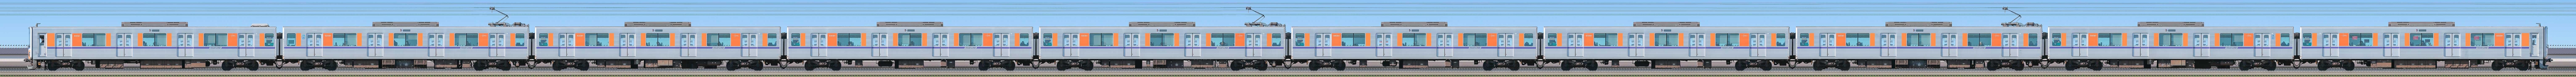 東武50090型51091編成(海側)の編成サイドビュー